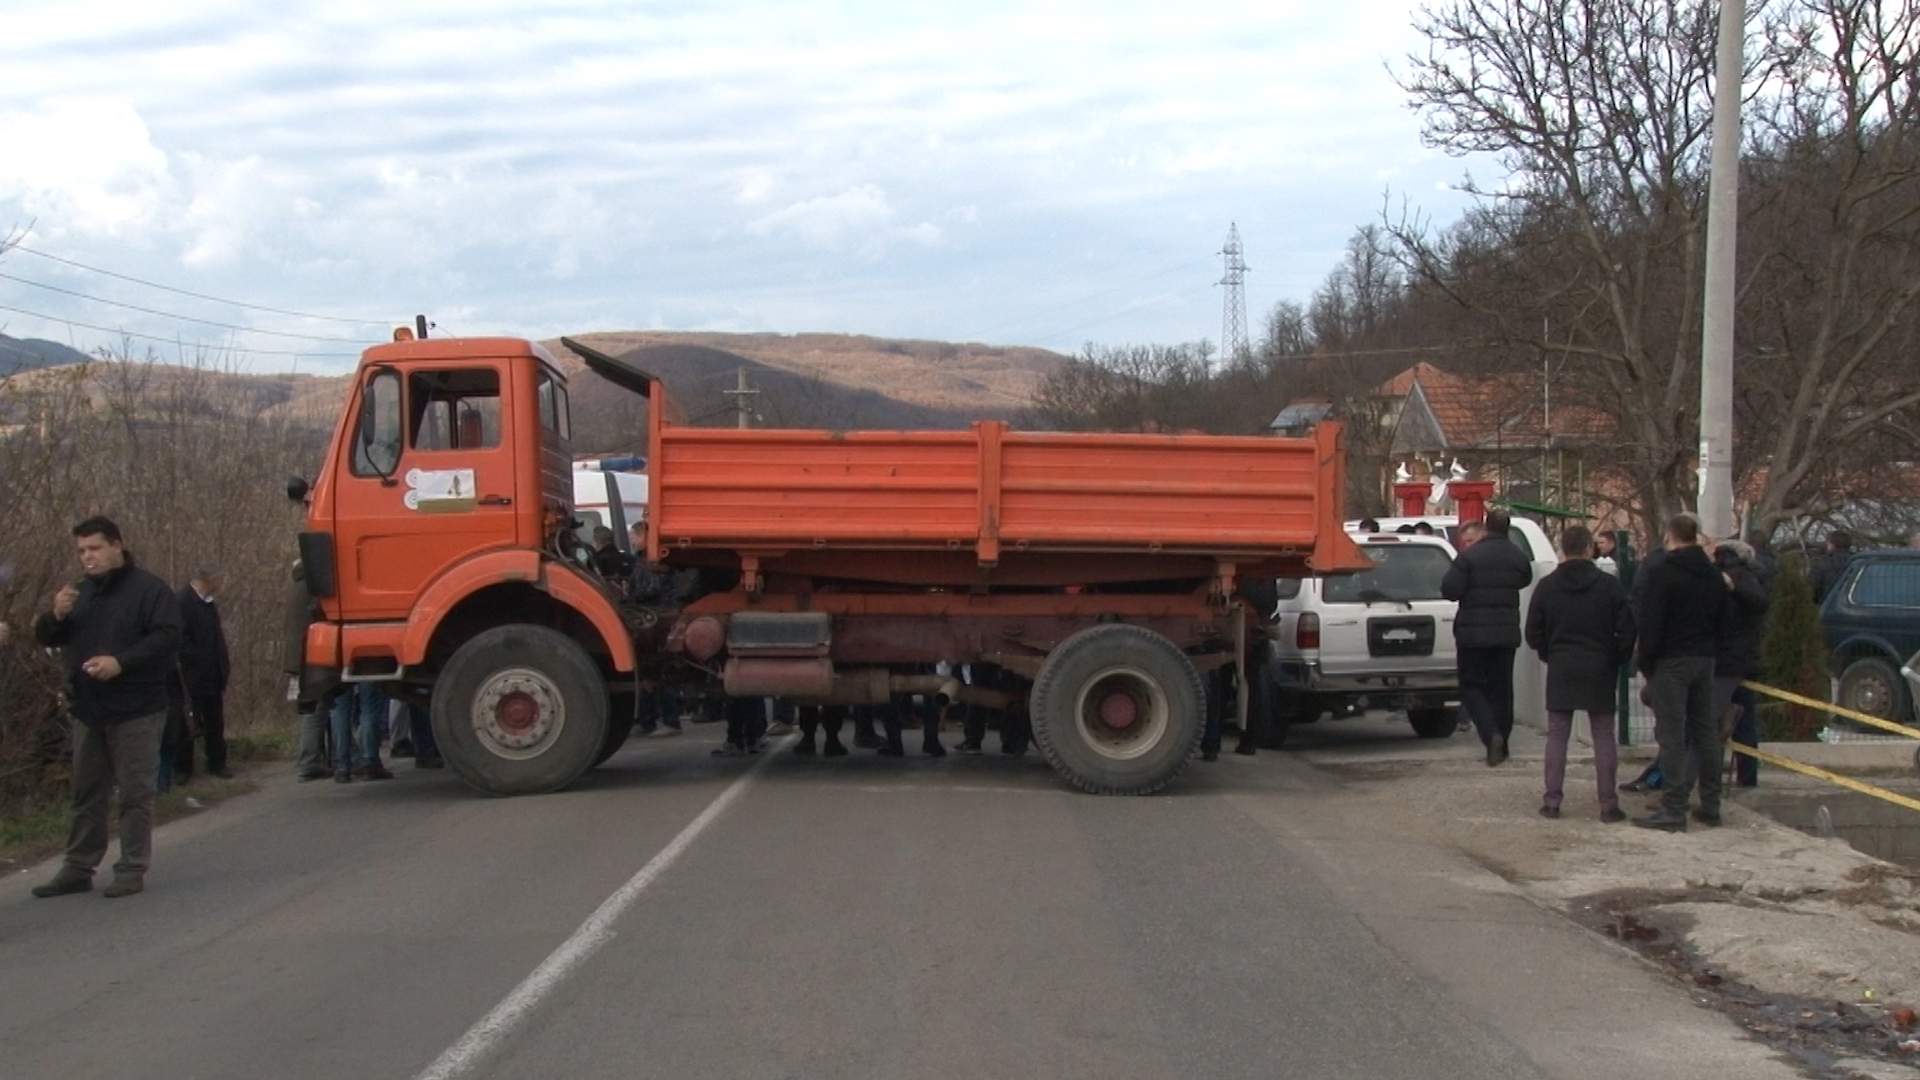 Срби у Звечану блокирали магистрални пут због доласка Исе Мустафе на север Косова; Кфор: Наставићемо да радимо у корист свих грађана Косова